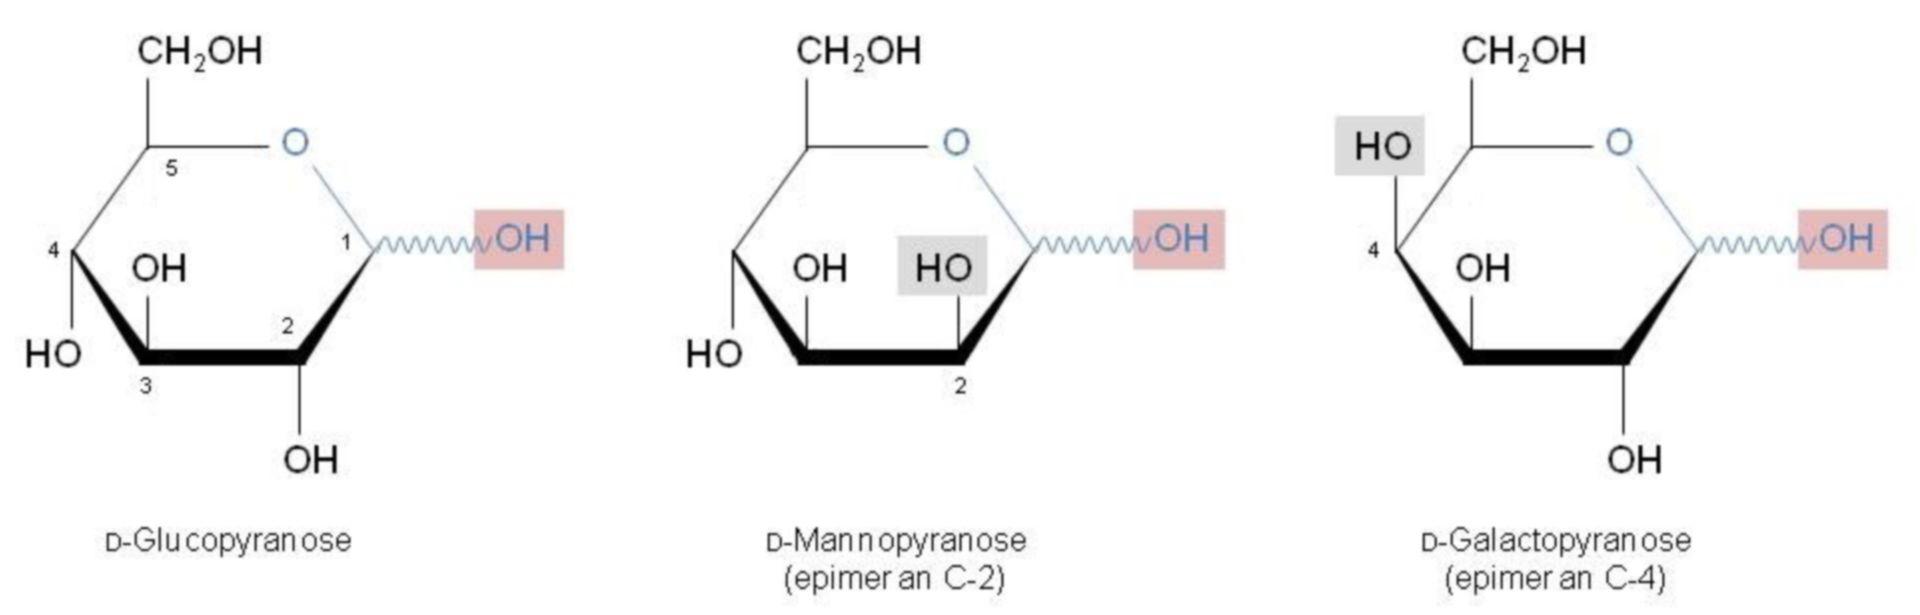 Epimere Zucker - Haworth-Formel